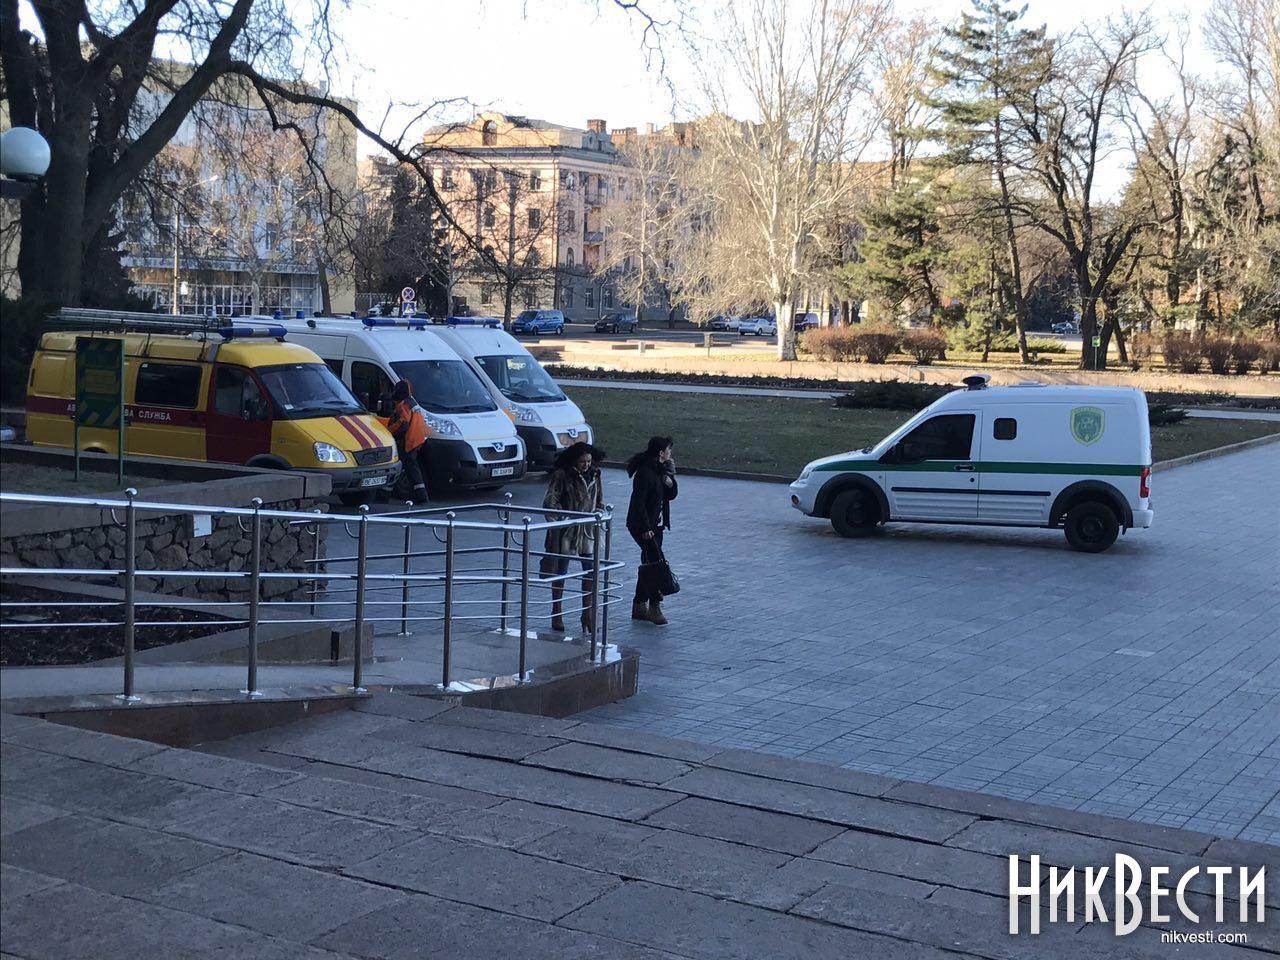 ВНиколаеве «заминировали» сооружение облгосадминистрации: сессия продолжает работу